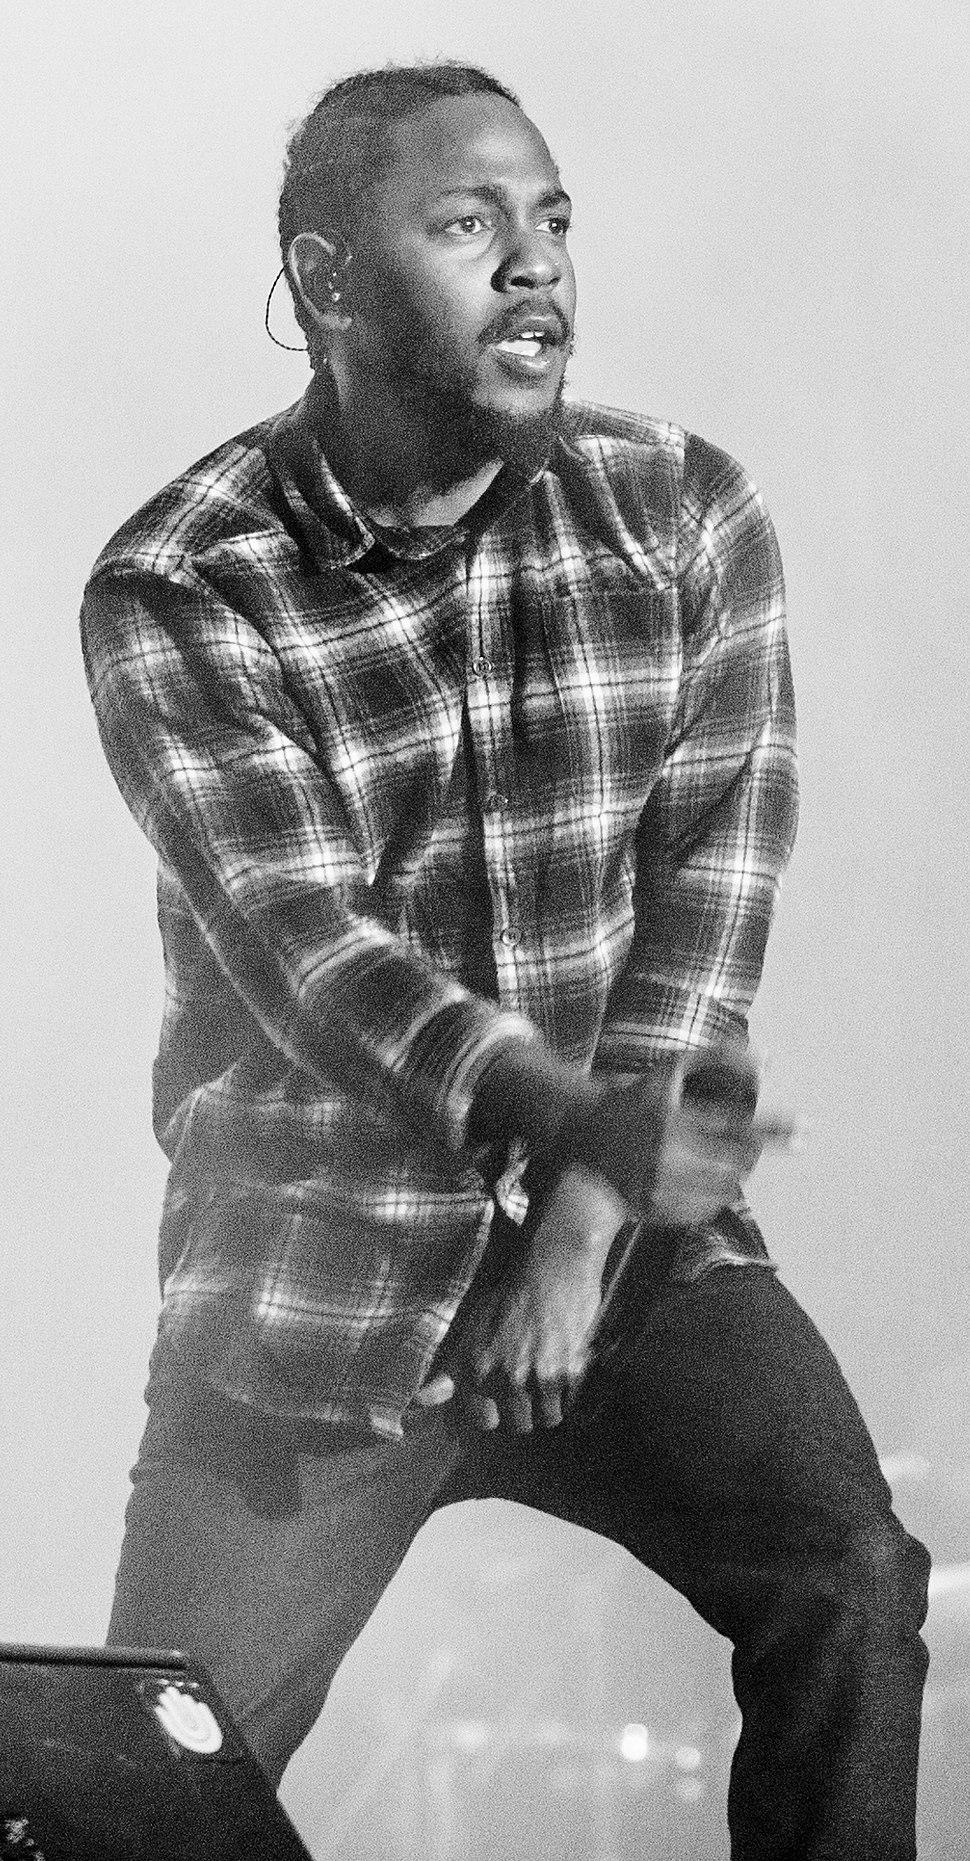 Kendrick Lamar 3 F.I.B. 2016 (cropped)